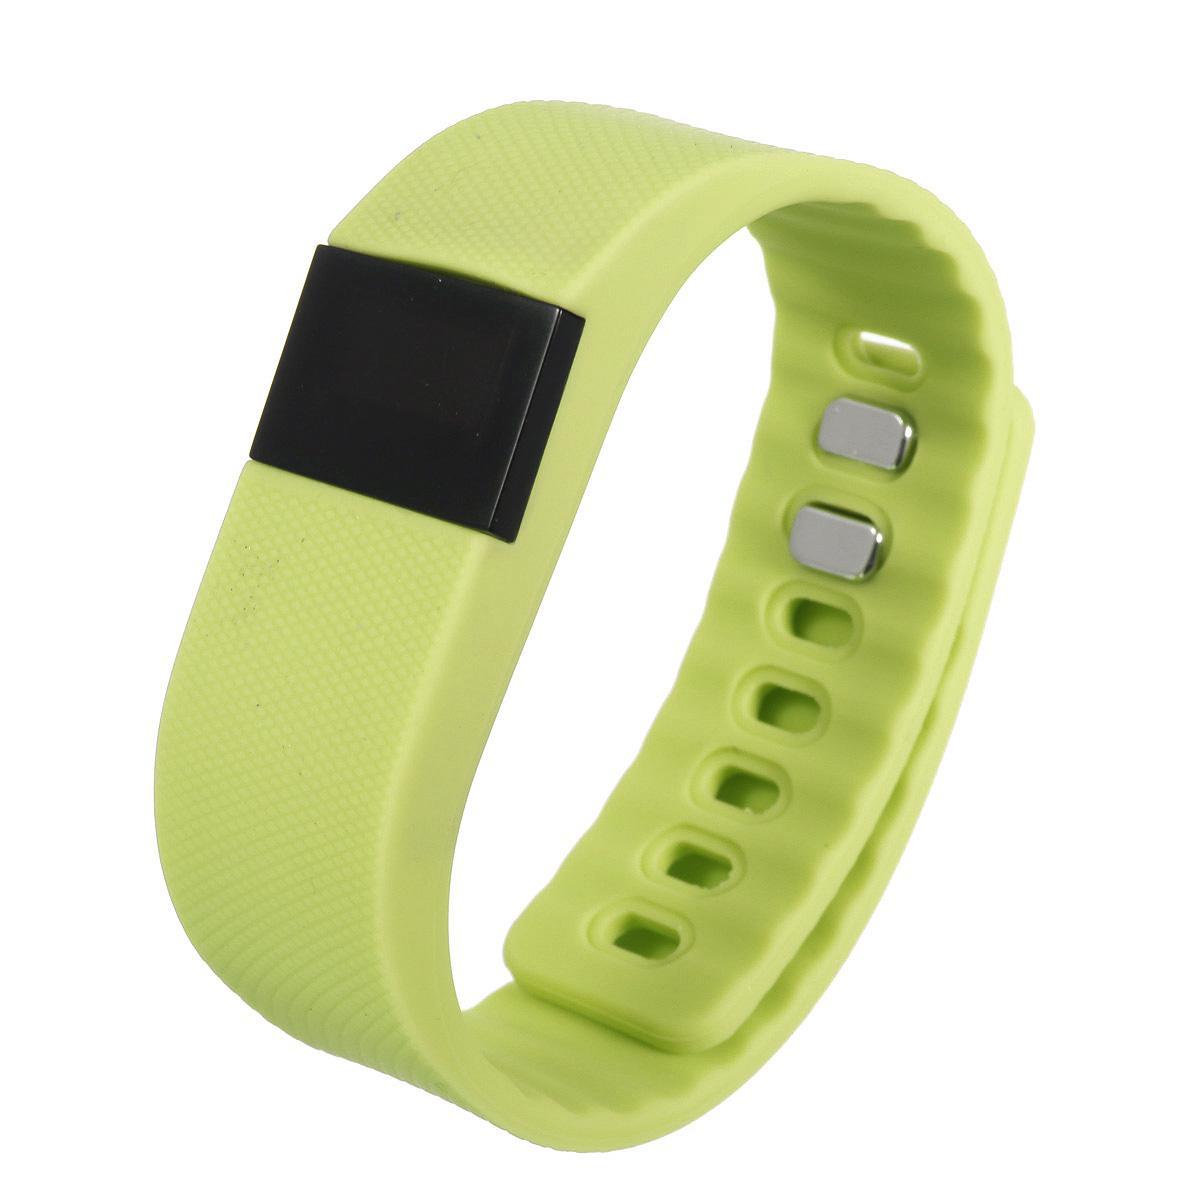 Умный фитнес-браслет Zodikam TW64, 2558, зеленый умный фитнес браслет zdk f3 3393 черно красный page 3 page 3